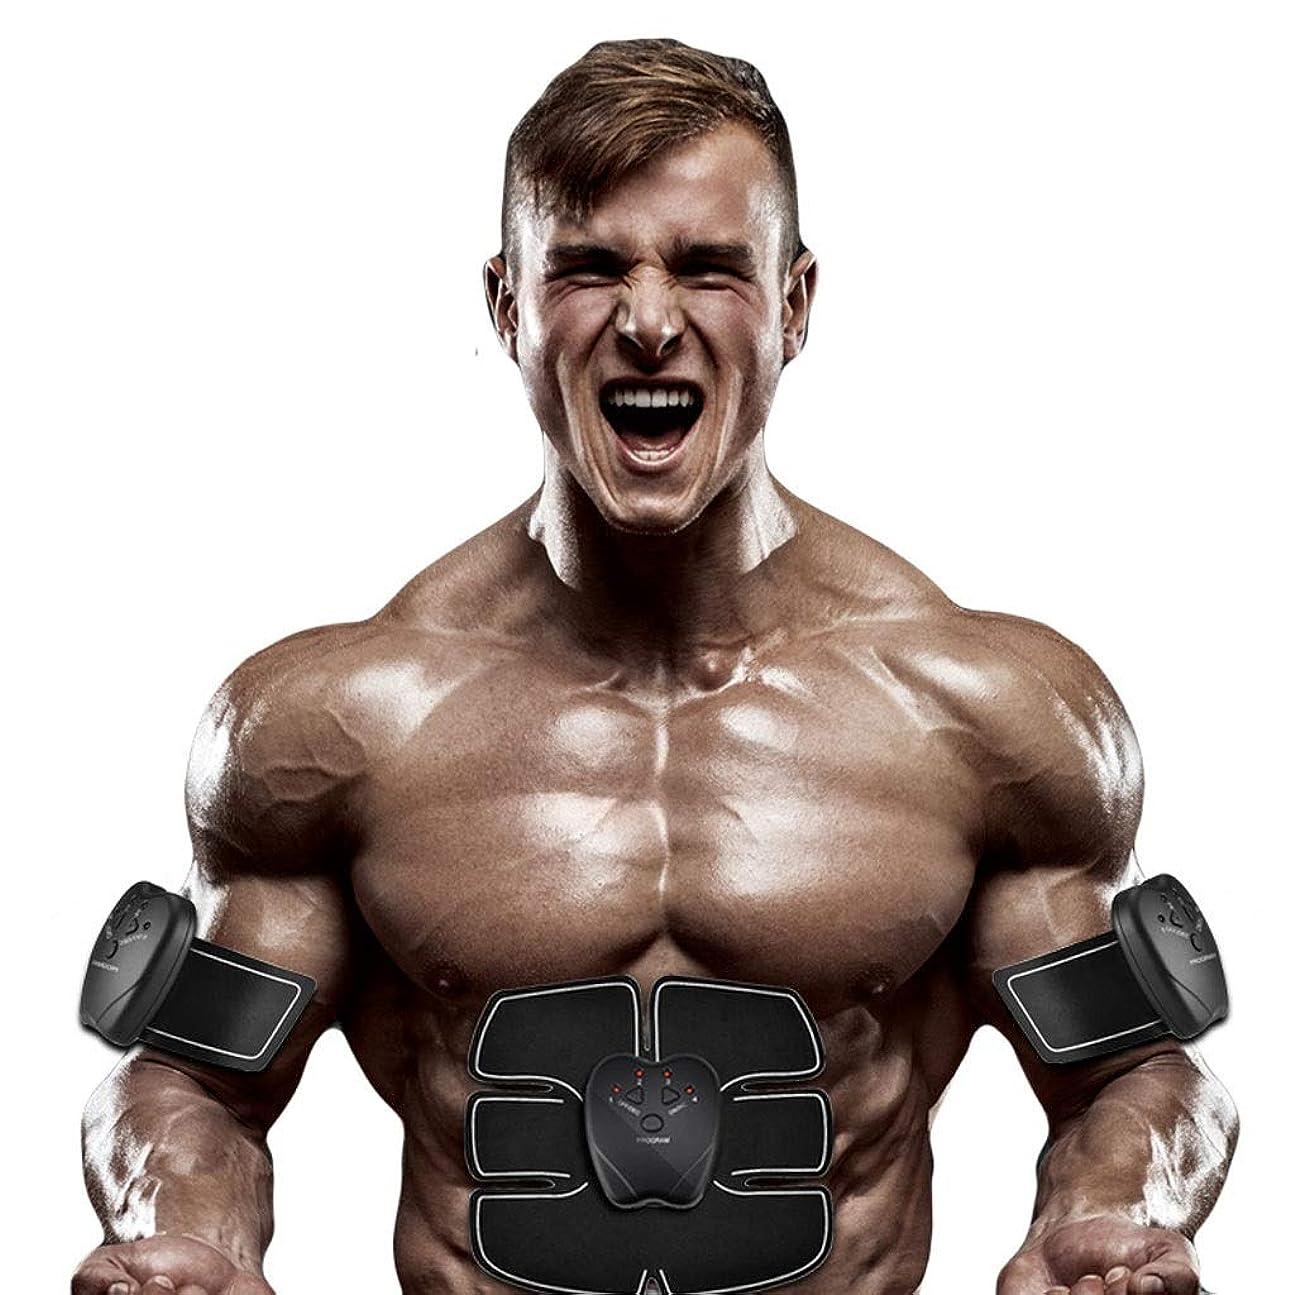 素敵な折り目スカルク腹部刺激、腹部調色ベルト、マッスルトナー、ポータブルマッスルトレーナー、ボディマッスルフィットネストレーナー腹部腕用トレーニング